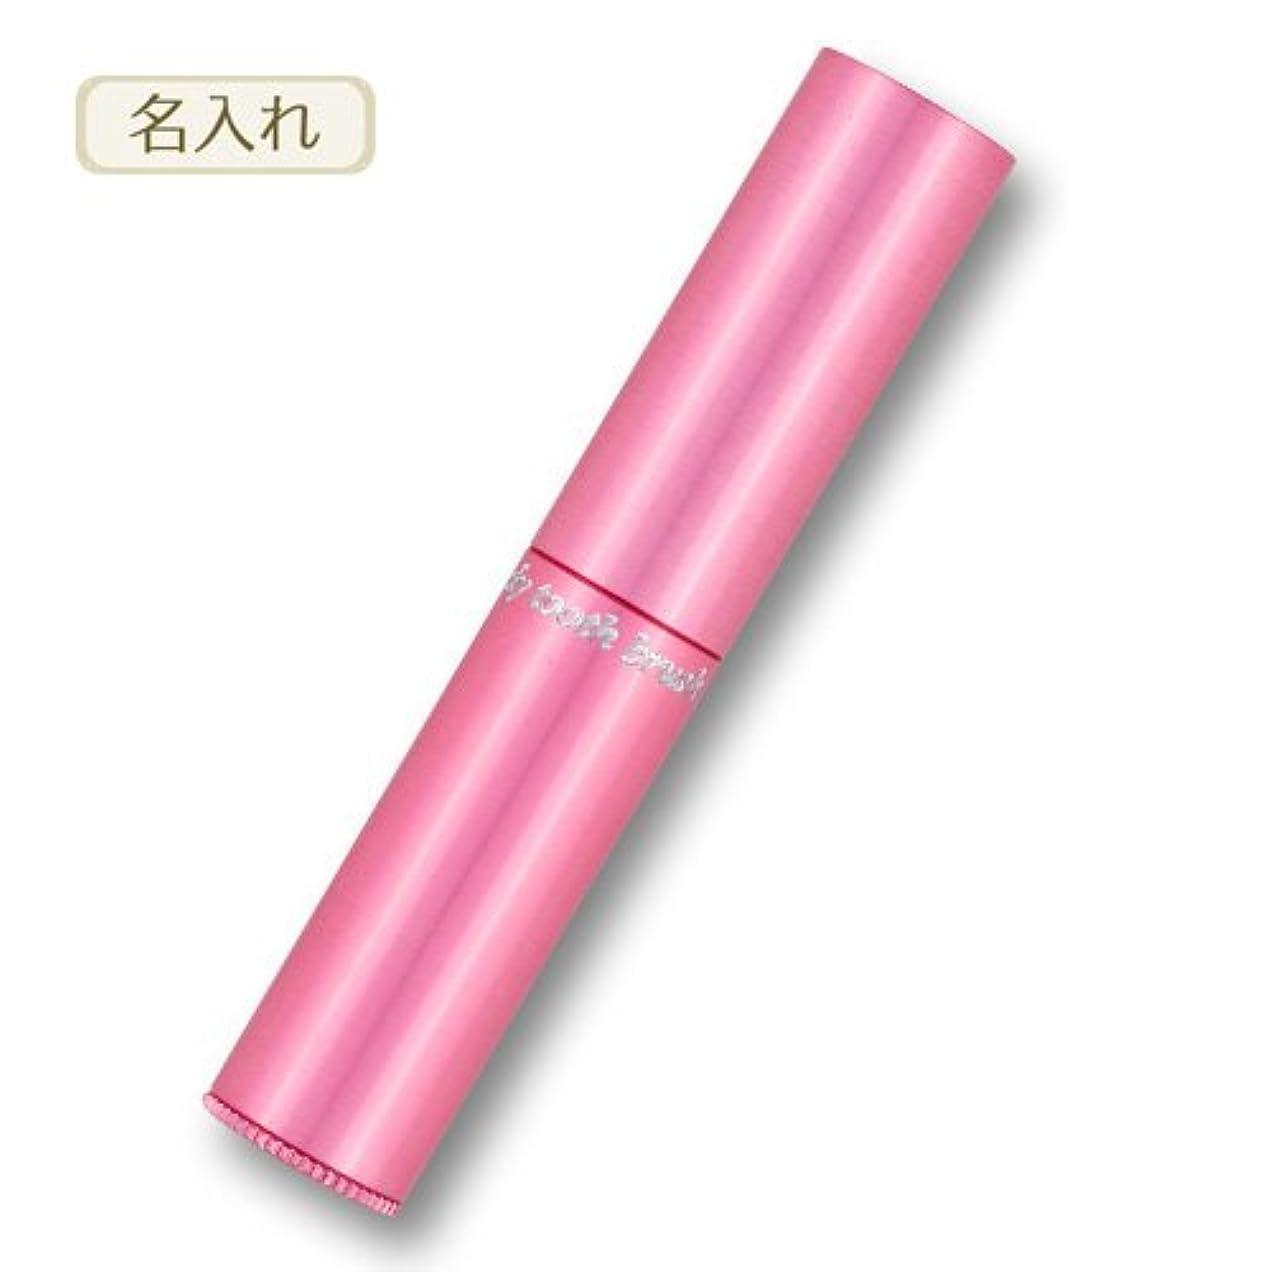 濃度促進する透ける携帯歯ブラシ?タベタラmigaCO(ピンク?ネーム入り)